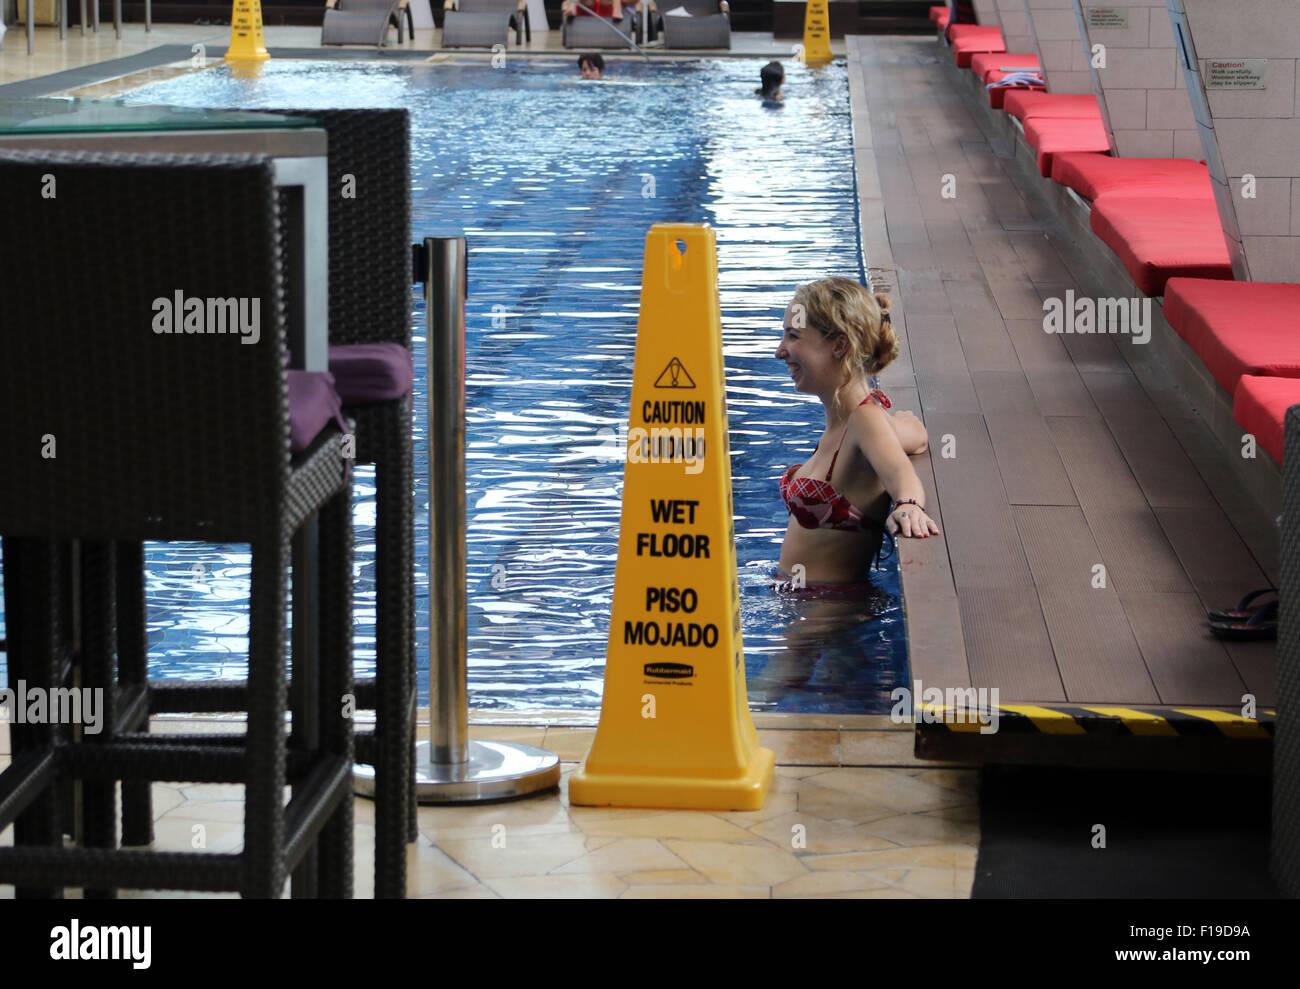 Pavimento bagnato salute sicurezza segno accanto alla piscina Immagini Stock